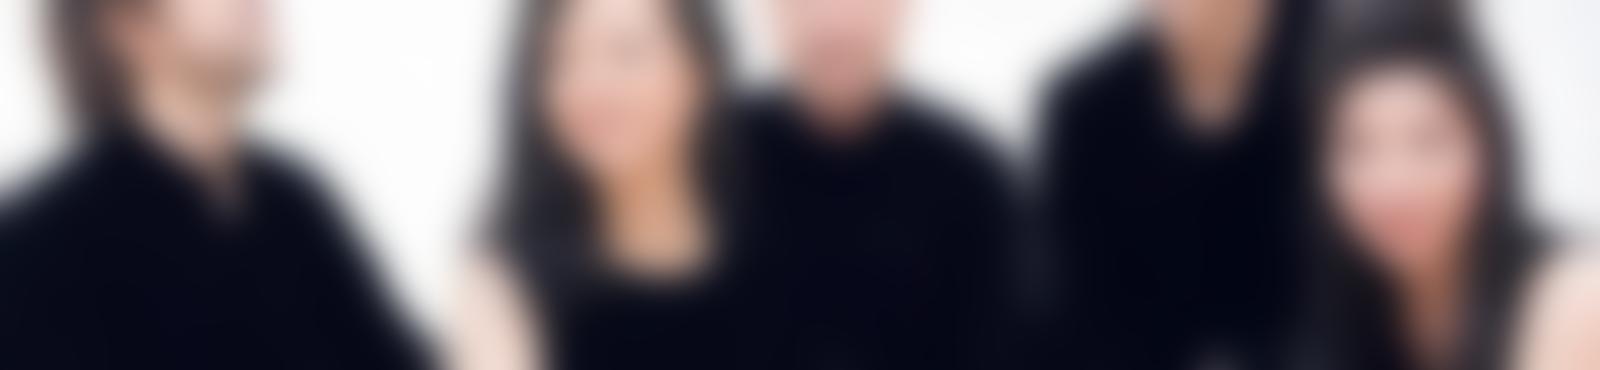 Blurred 3cf7aad1 b165 466b 85ca e650451a9ded